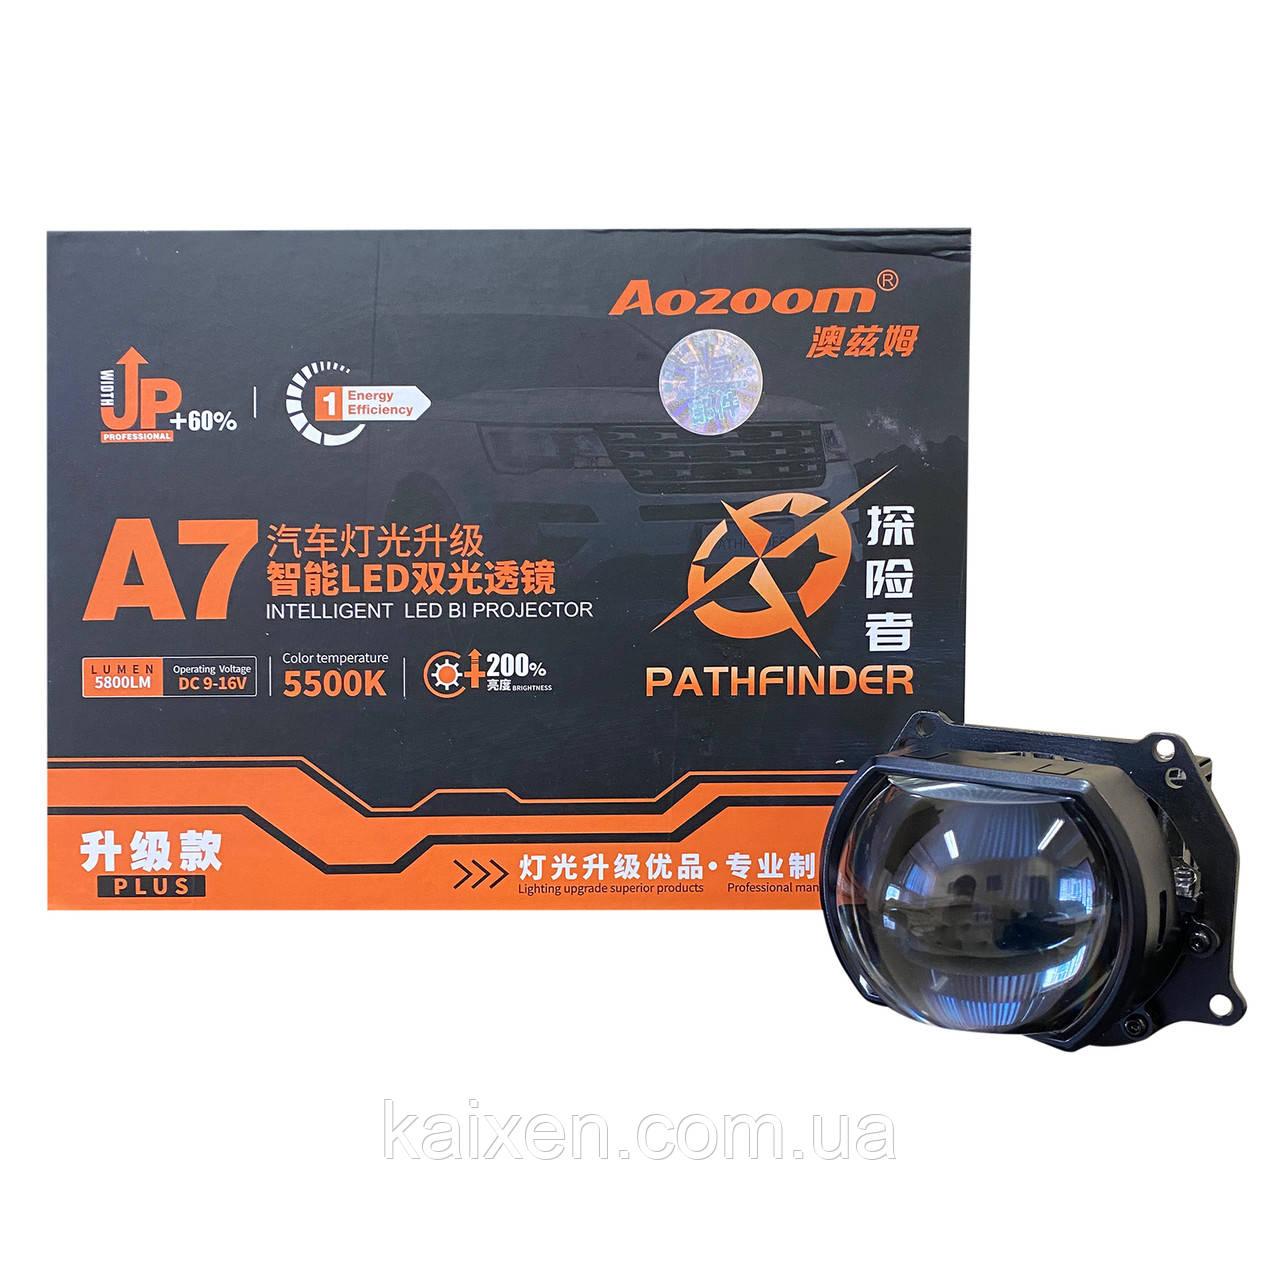 Bi-led линзы Aozoom A7Pro 3 дюйма (прямоугольная линза)